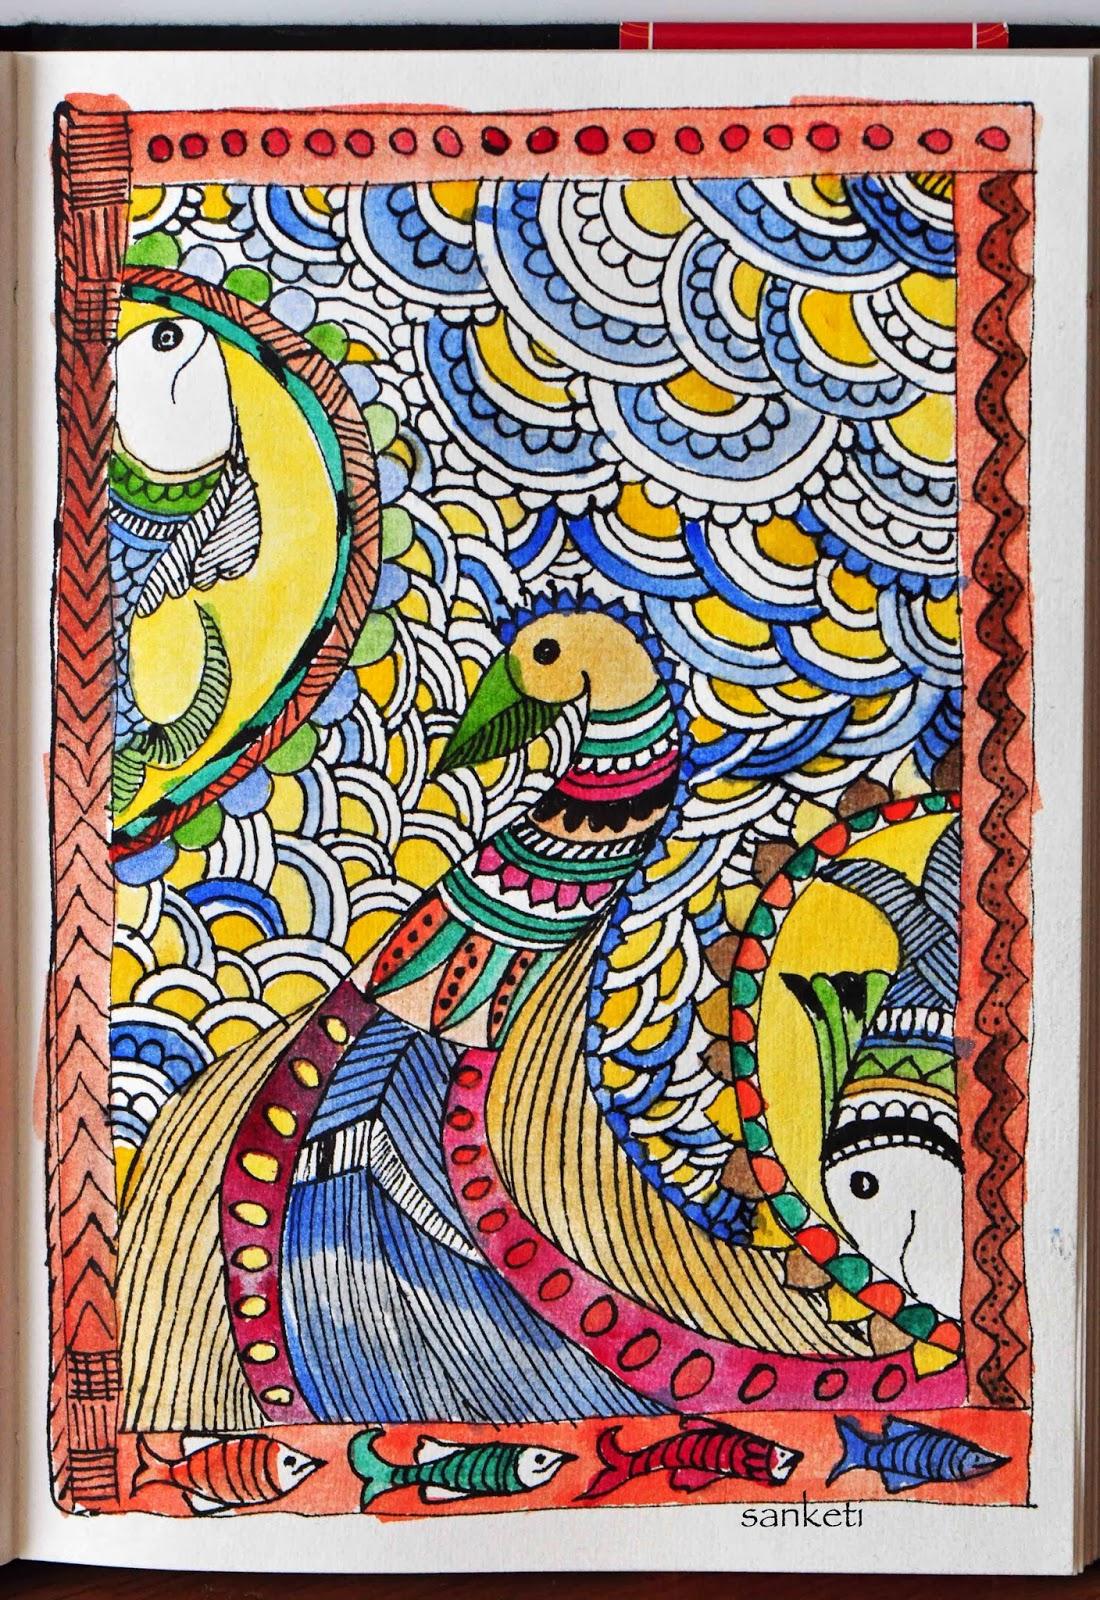 Madhubani Indian Folk Art Niji Creative Collective